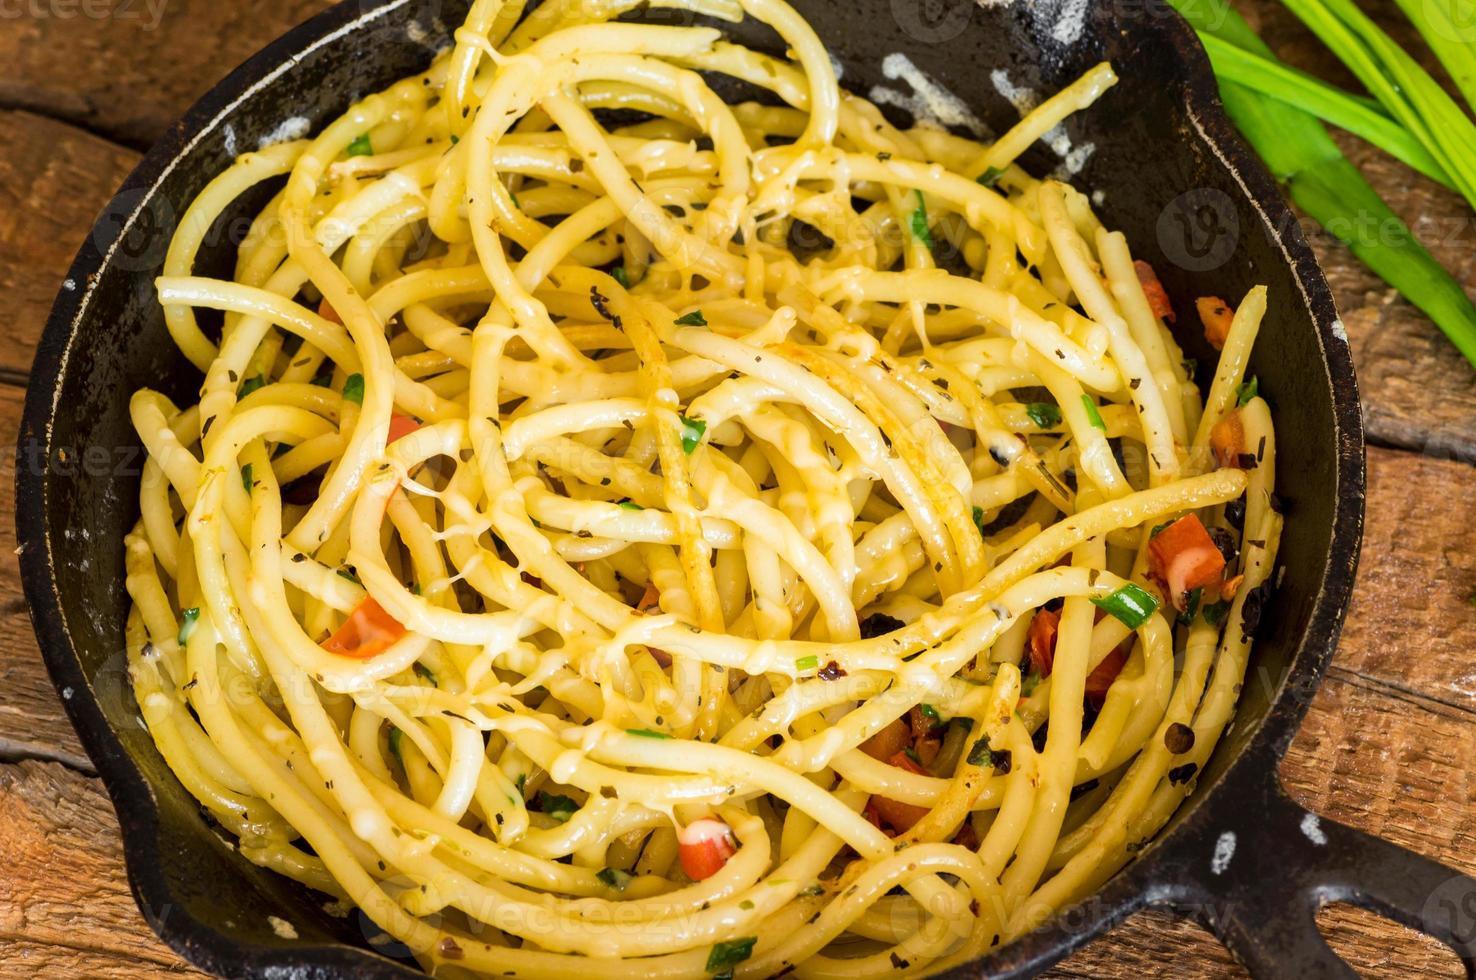 koekenpan met gebakken pasta foto